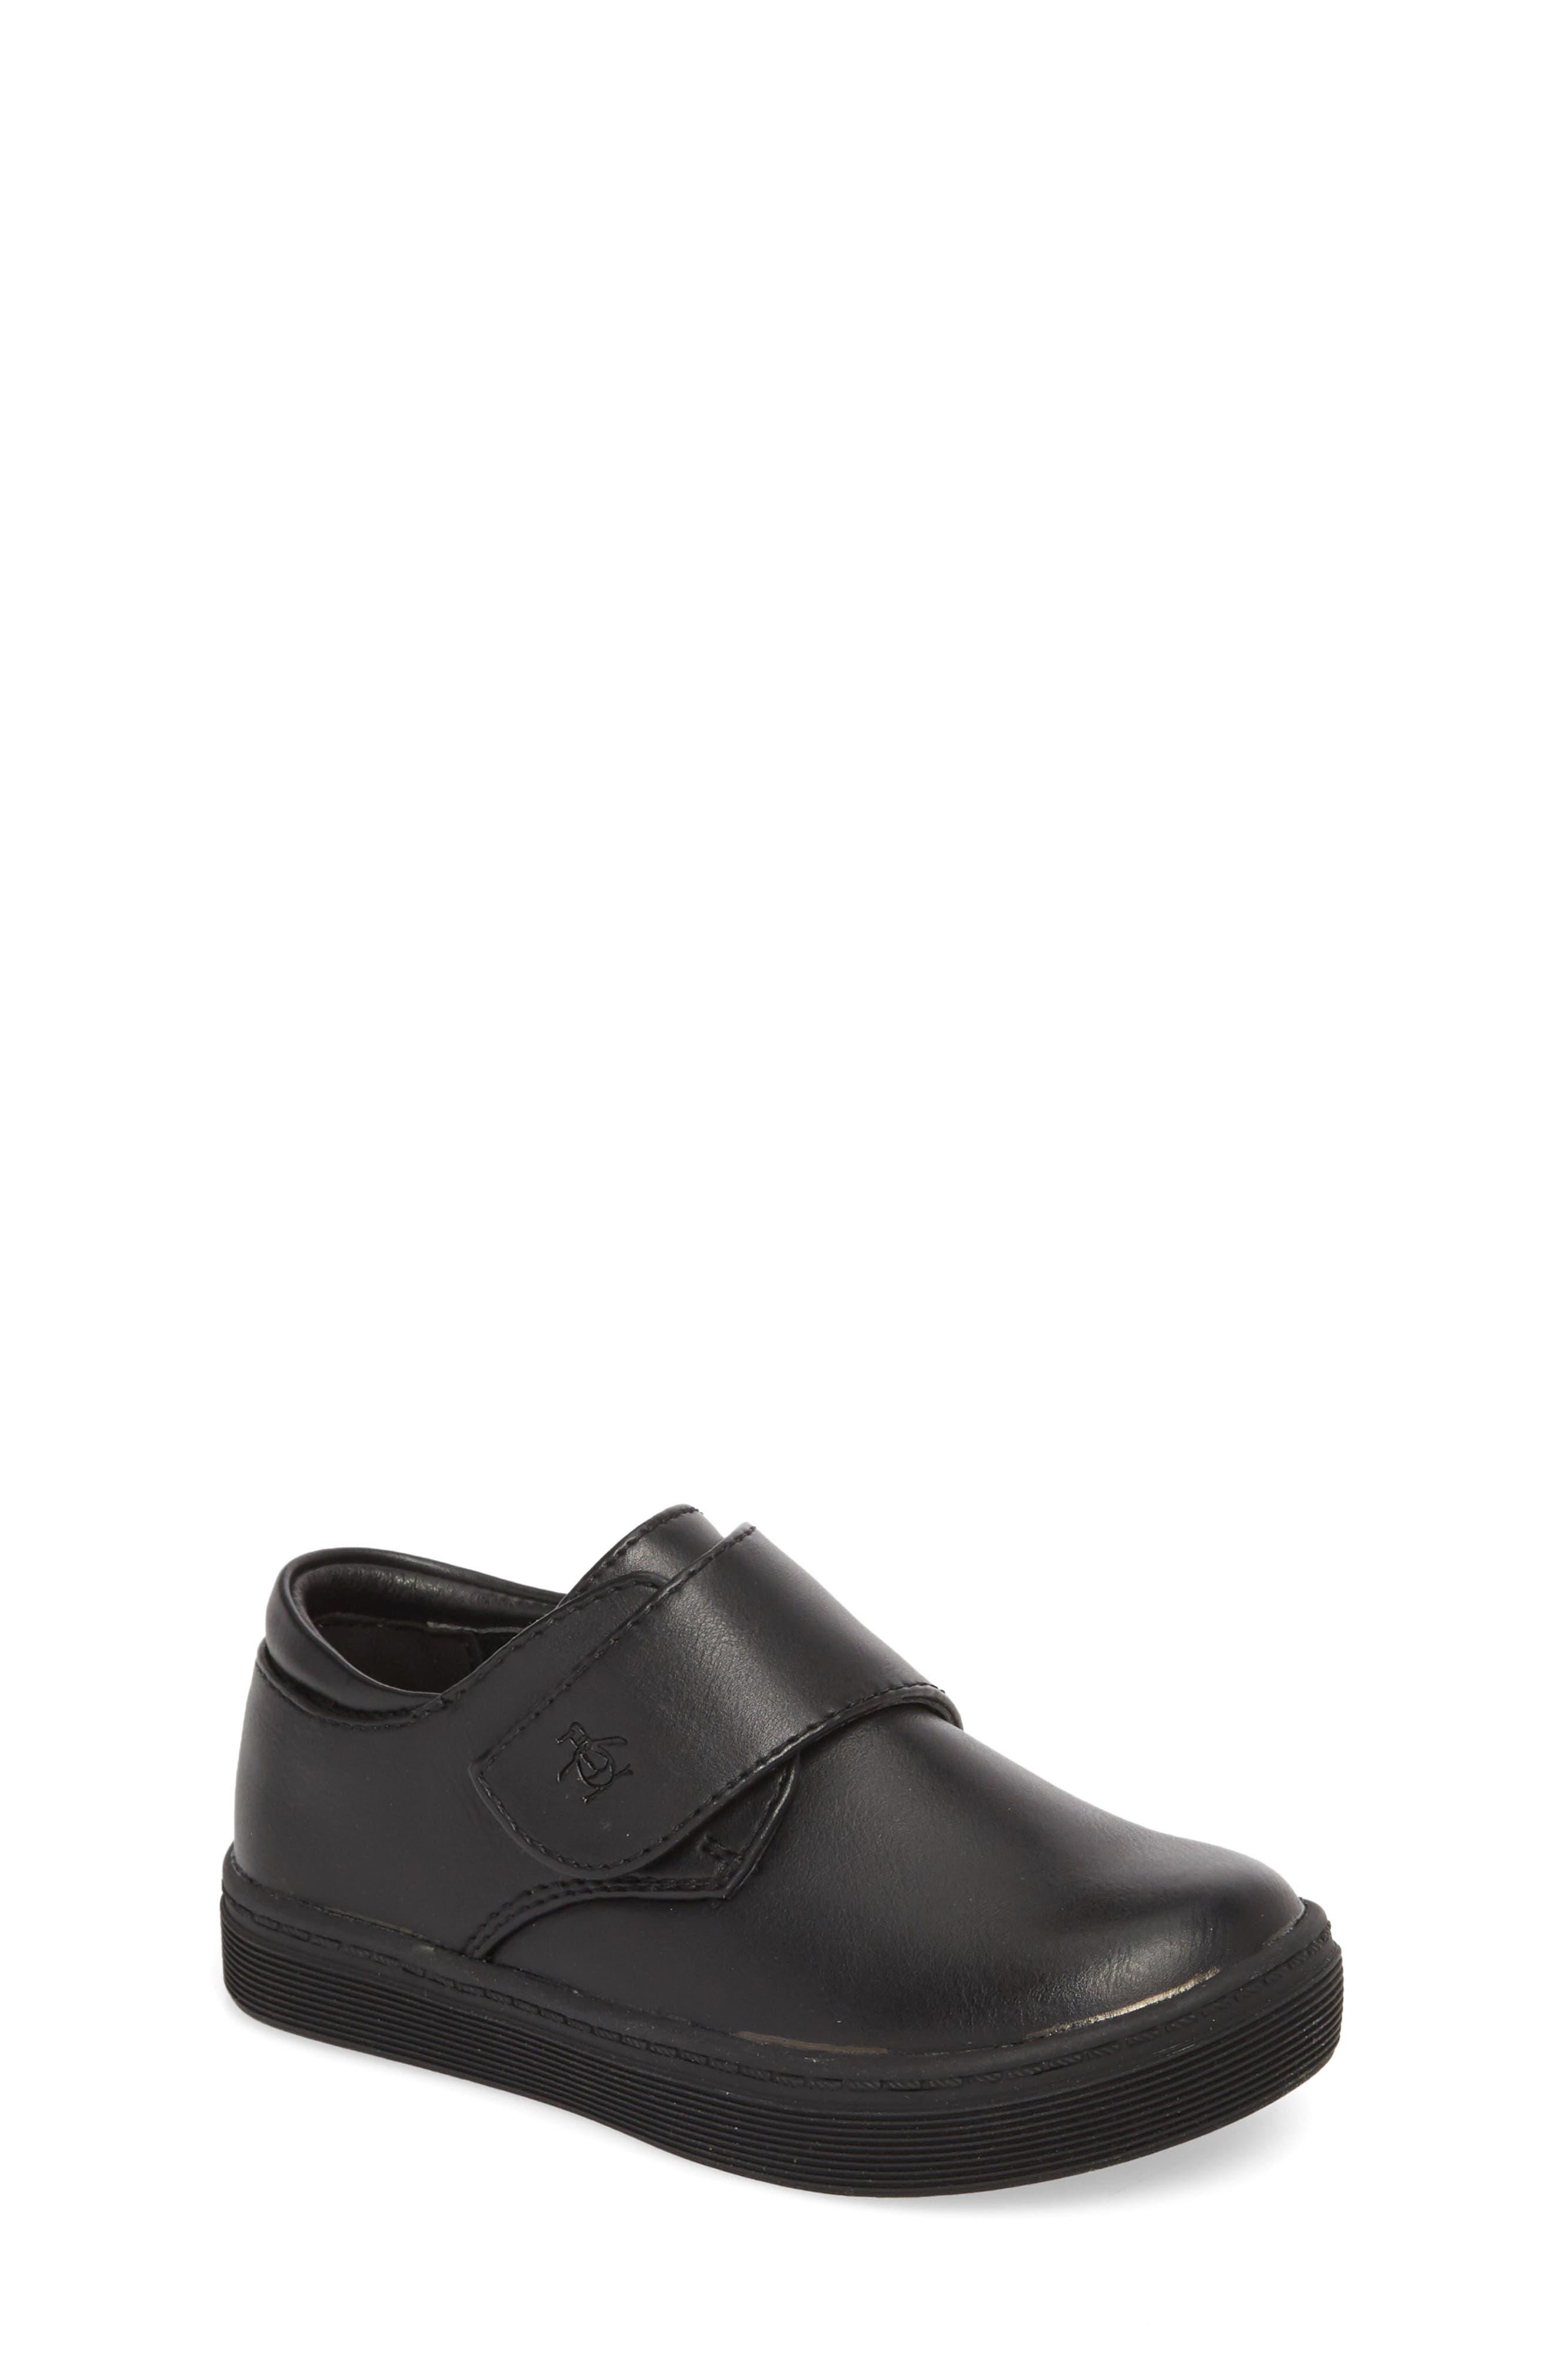 Felton Sneaker,                             Main thumbnail 1, color,                             BLACK/ BLACK